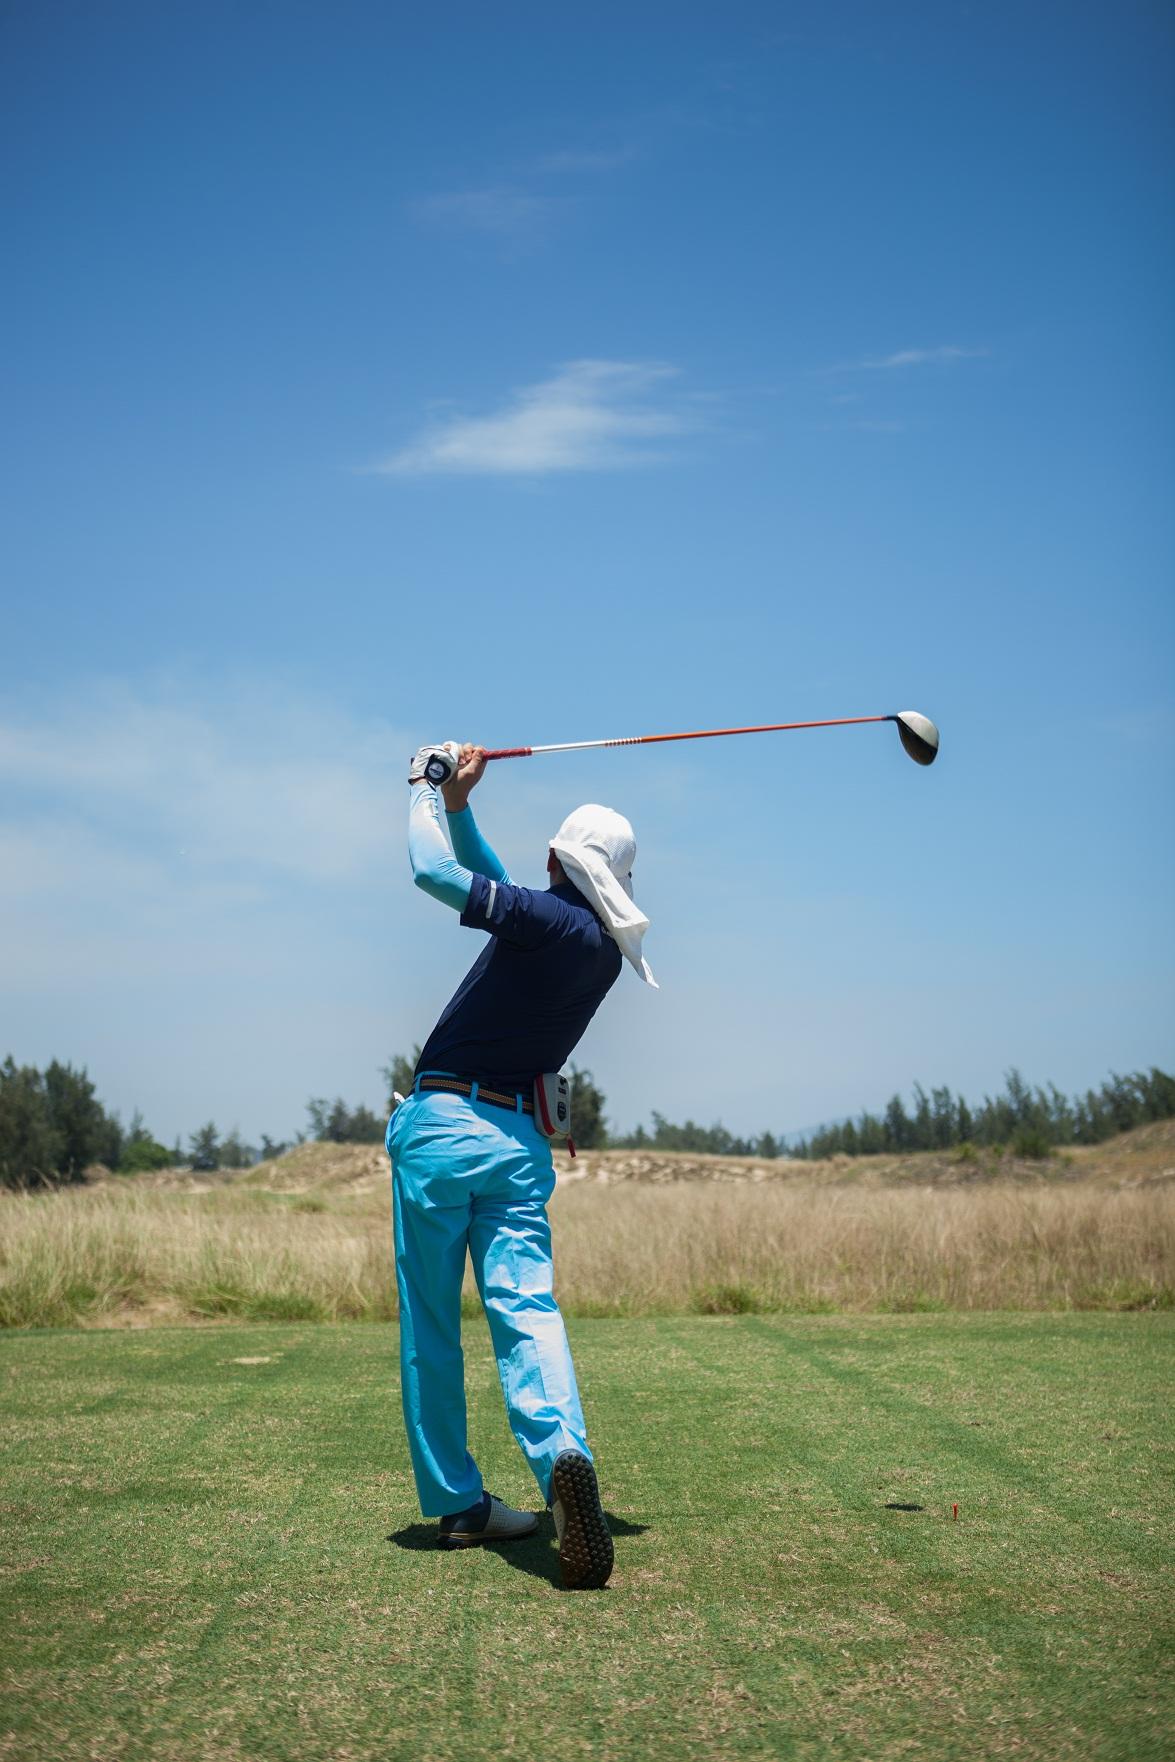 giai golf lexus Cup 2017 03